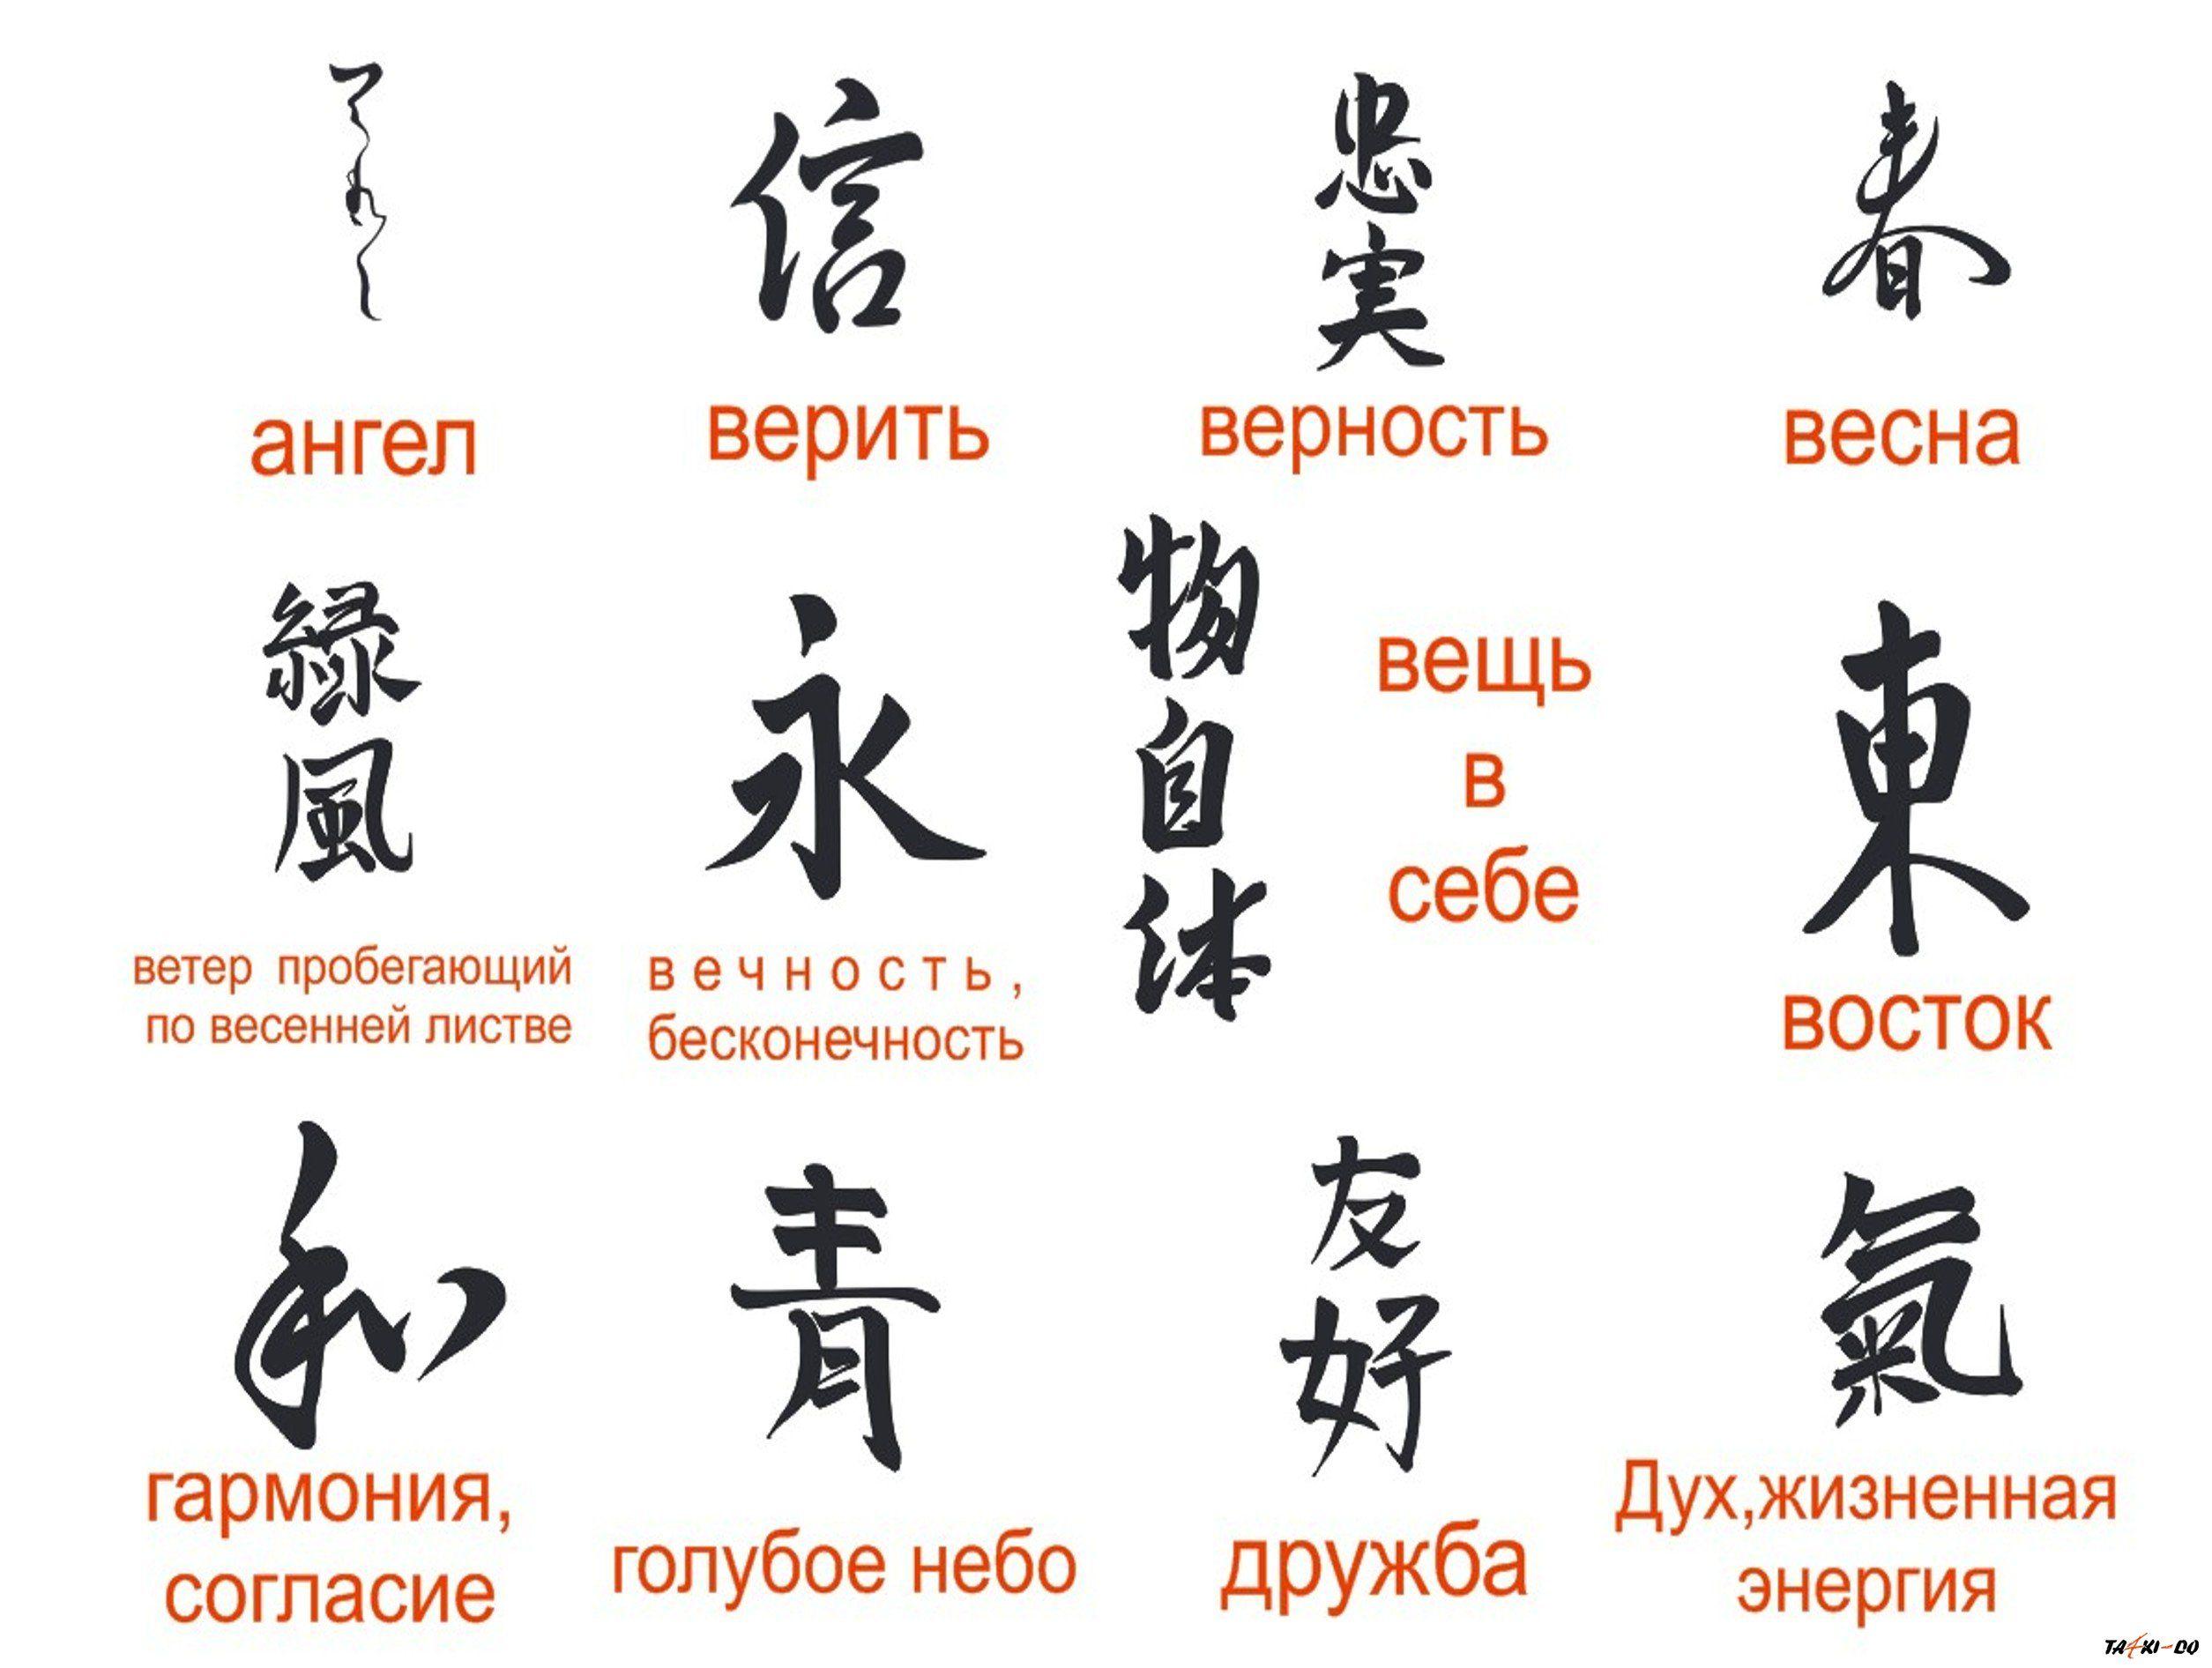 иероглифы | Тату, Надписи, Татуировки